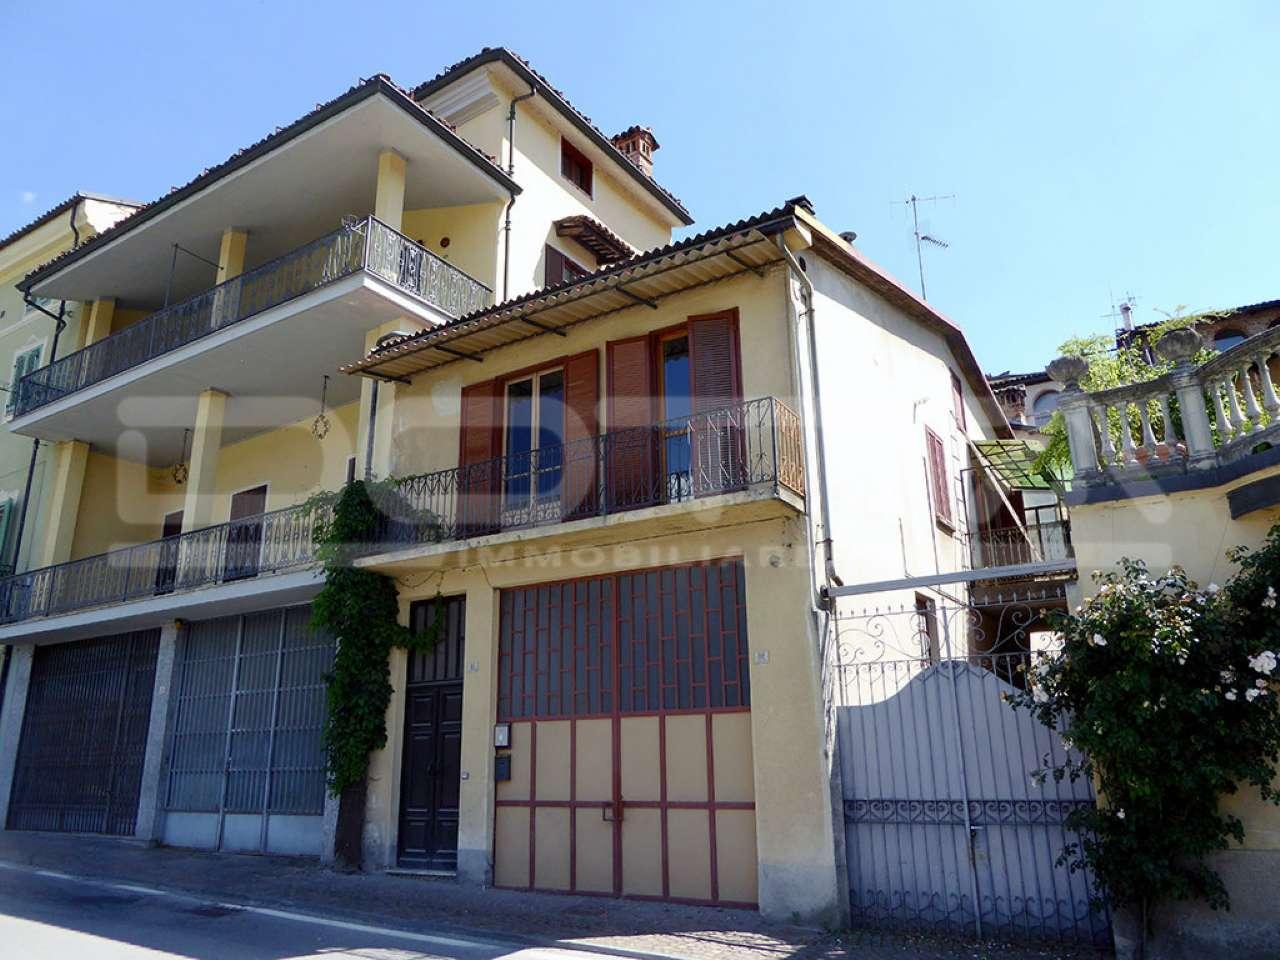 Soluzione Indipendente in vendita a Dogliani, 4 locali, prezzo € 137.000 | CambioCasa.it